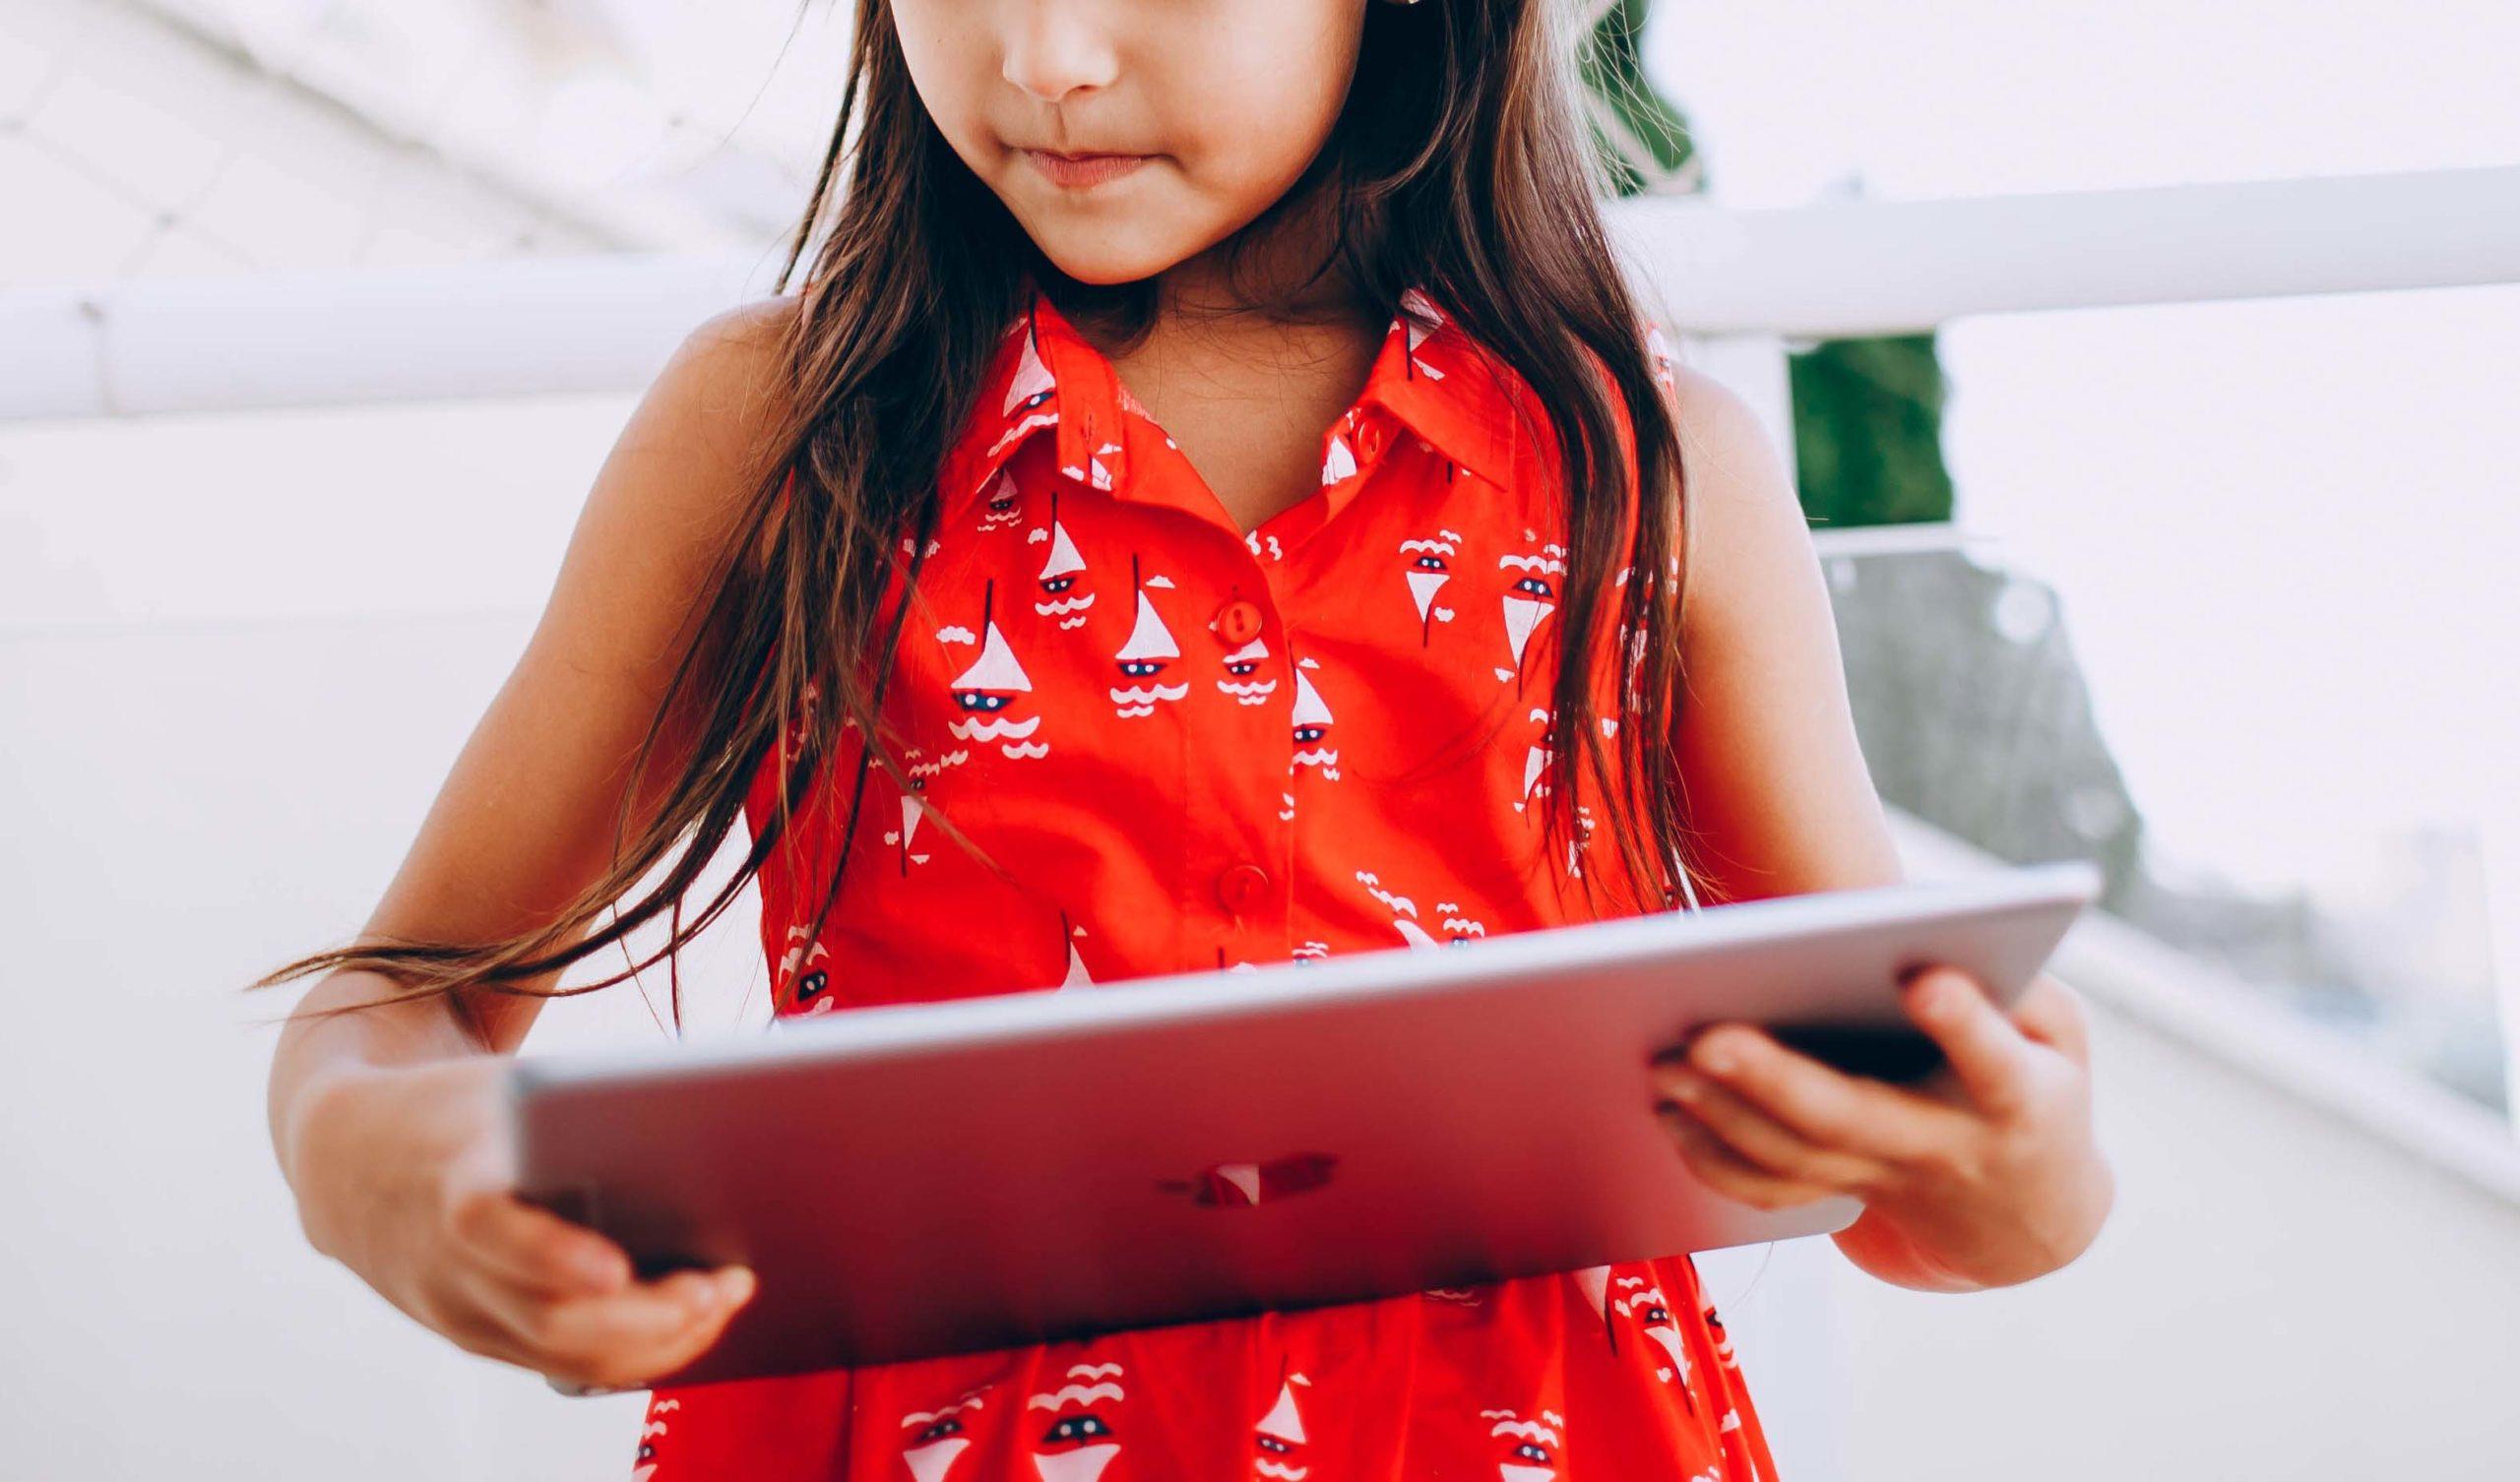 Κορίτσι 11 χρονών χρέωσε τους γονείς της £2,500 στην πλατφόρμα παιχνιδιών Roblox